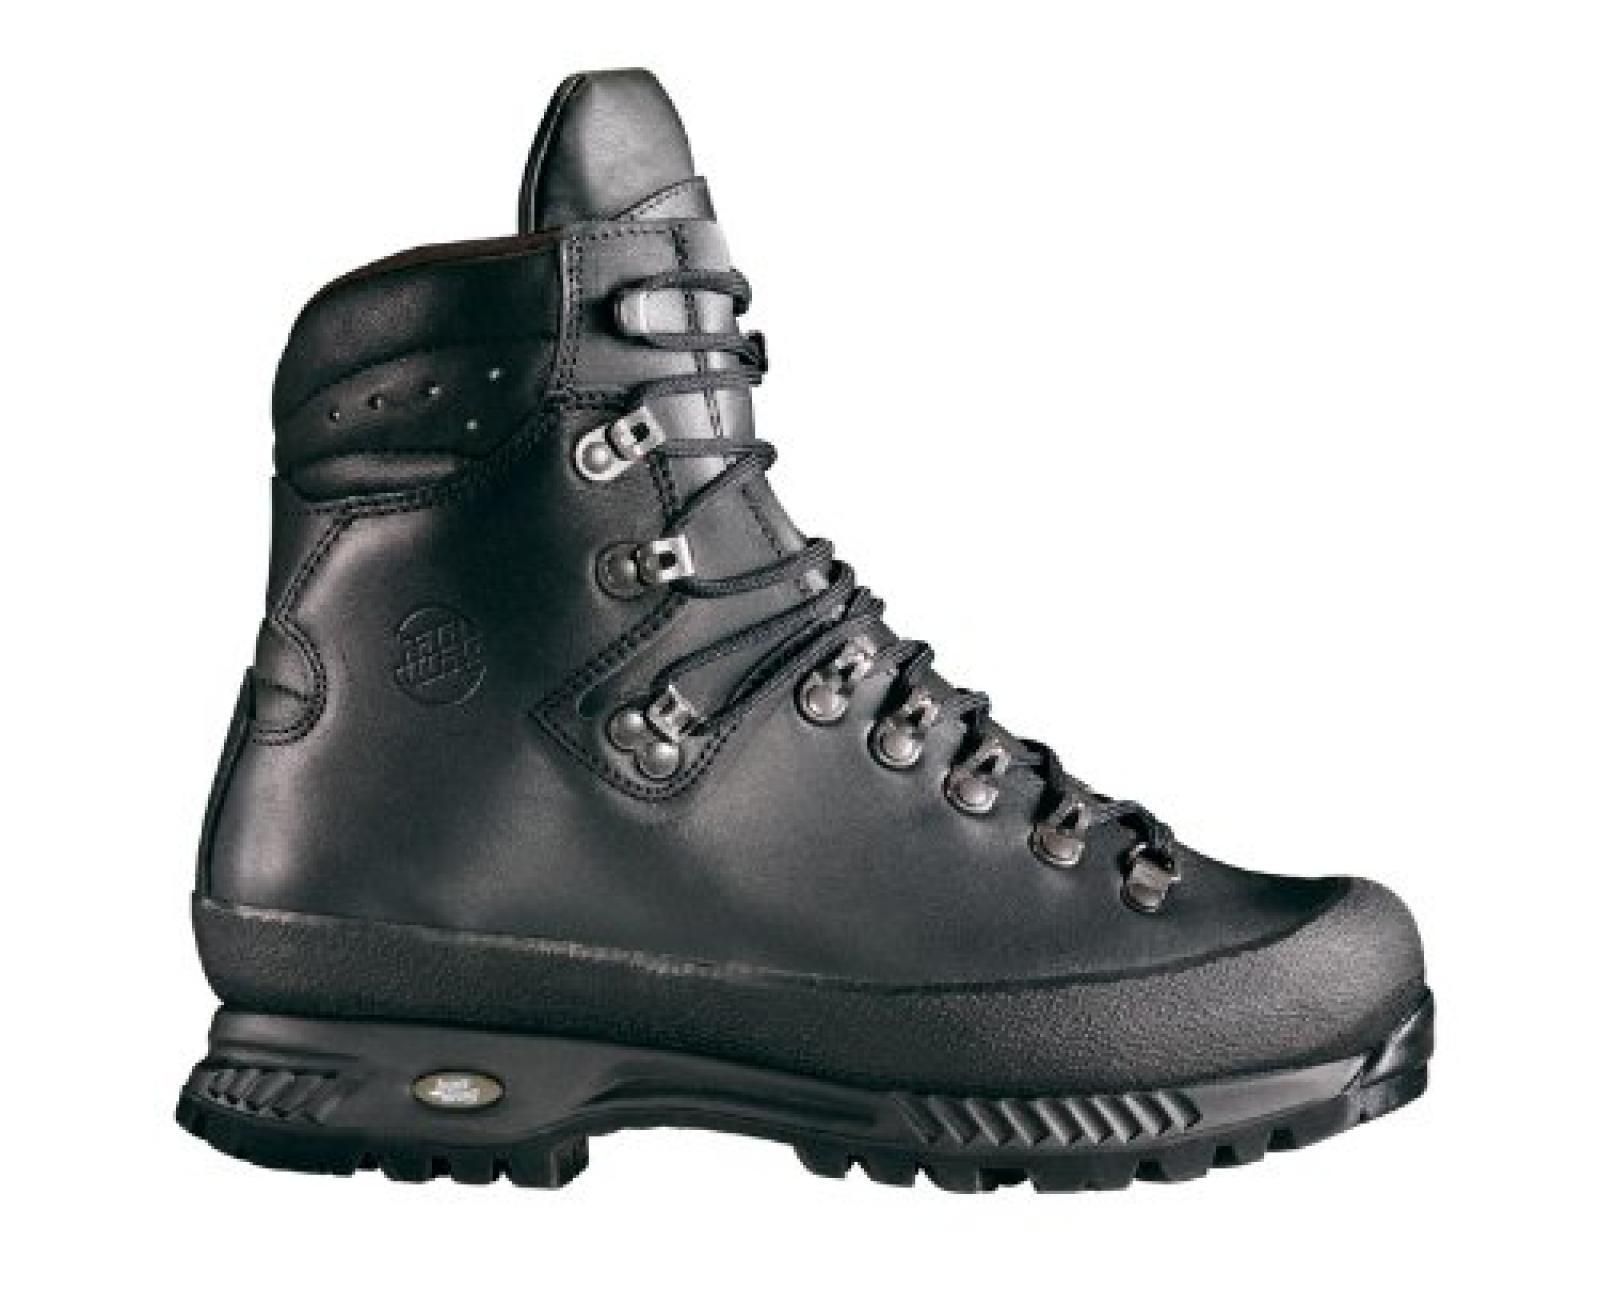 Hanwag Yukon Herren-Trekkingschuhe (schwarz)